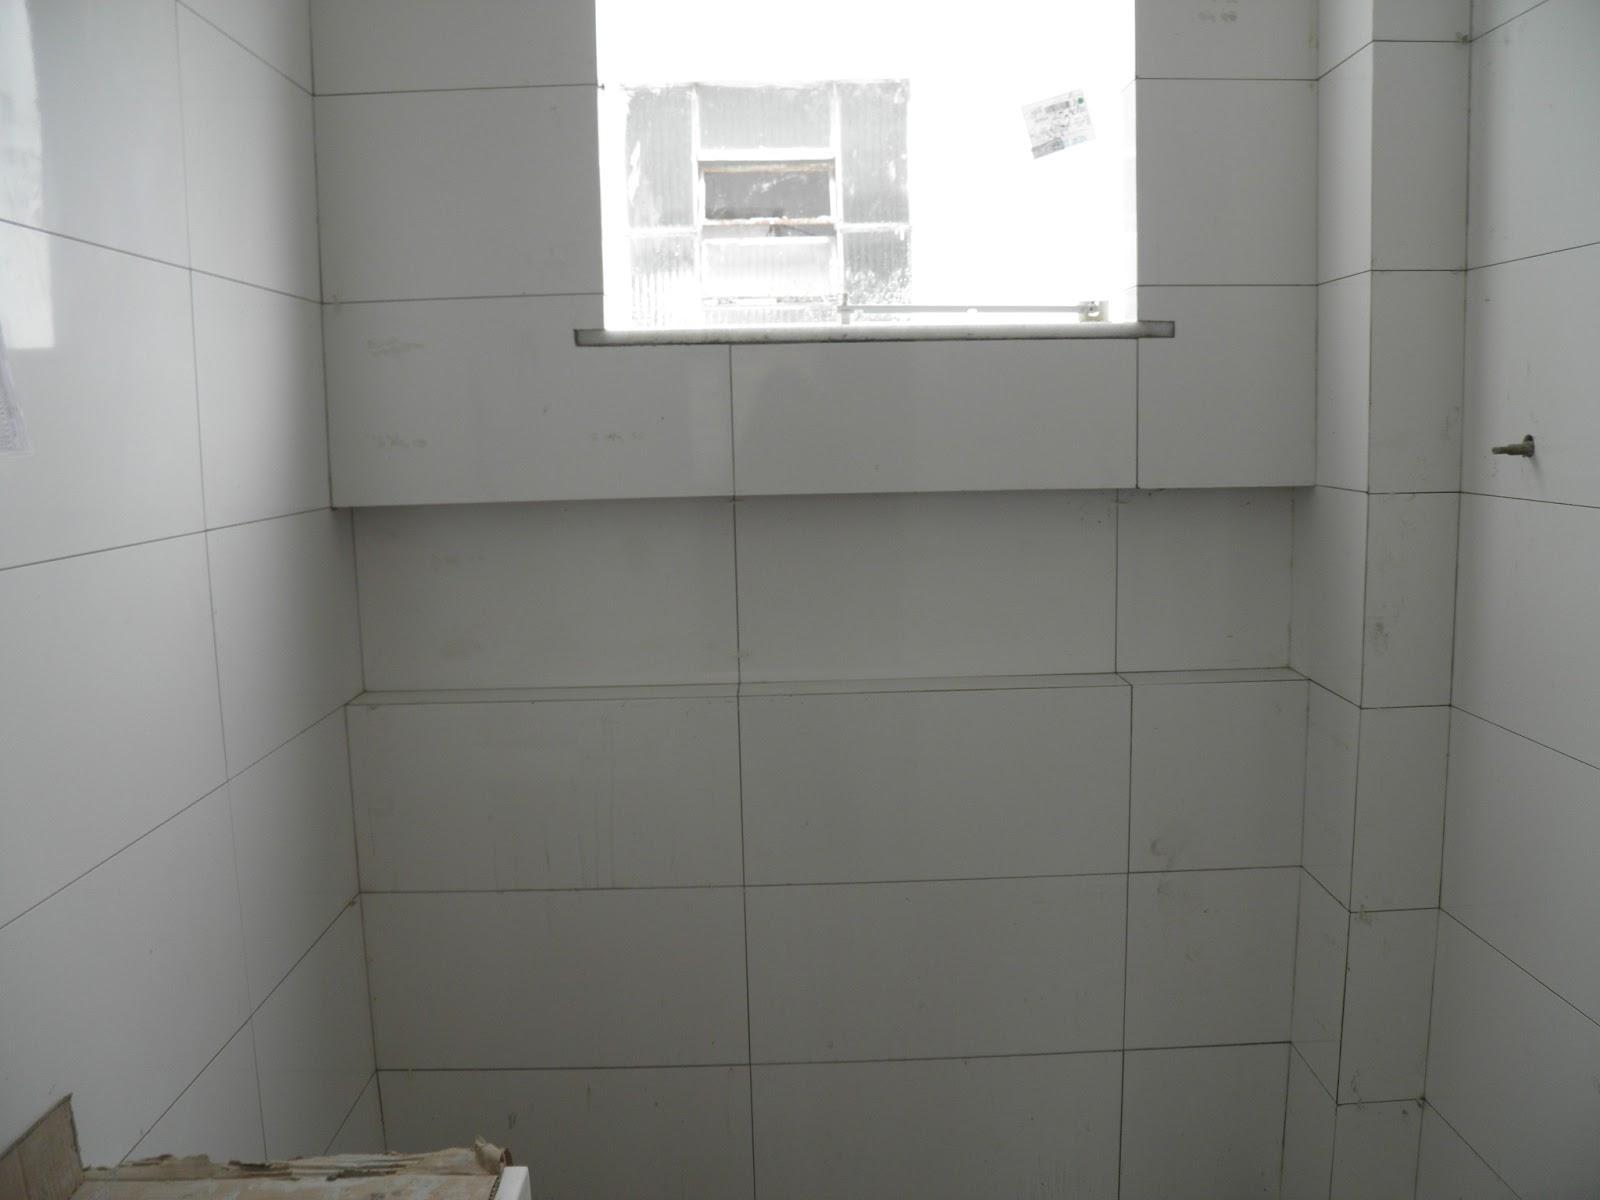 Construindo e arquitetando engenhosamente um sonho com cimento de  #57534A 1600x1200 Banheiro Cimento Queimado E Pastilhas